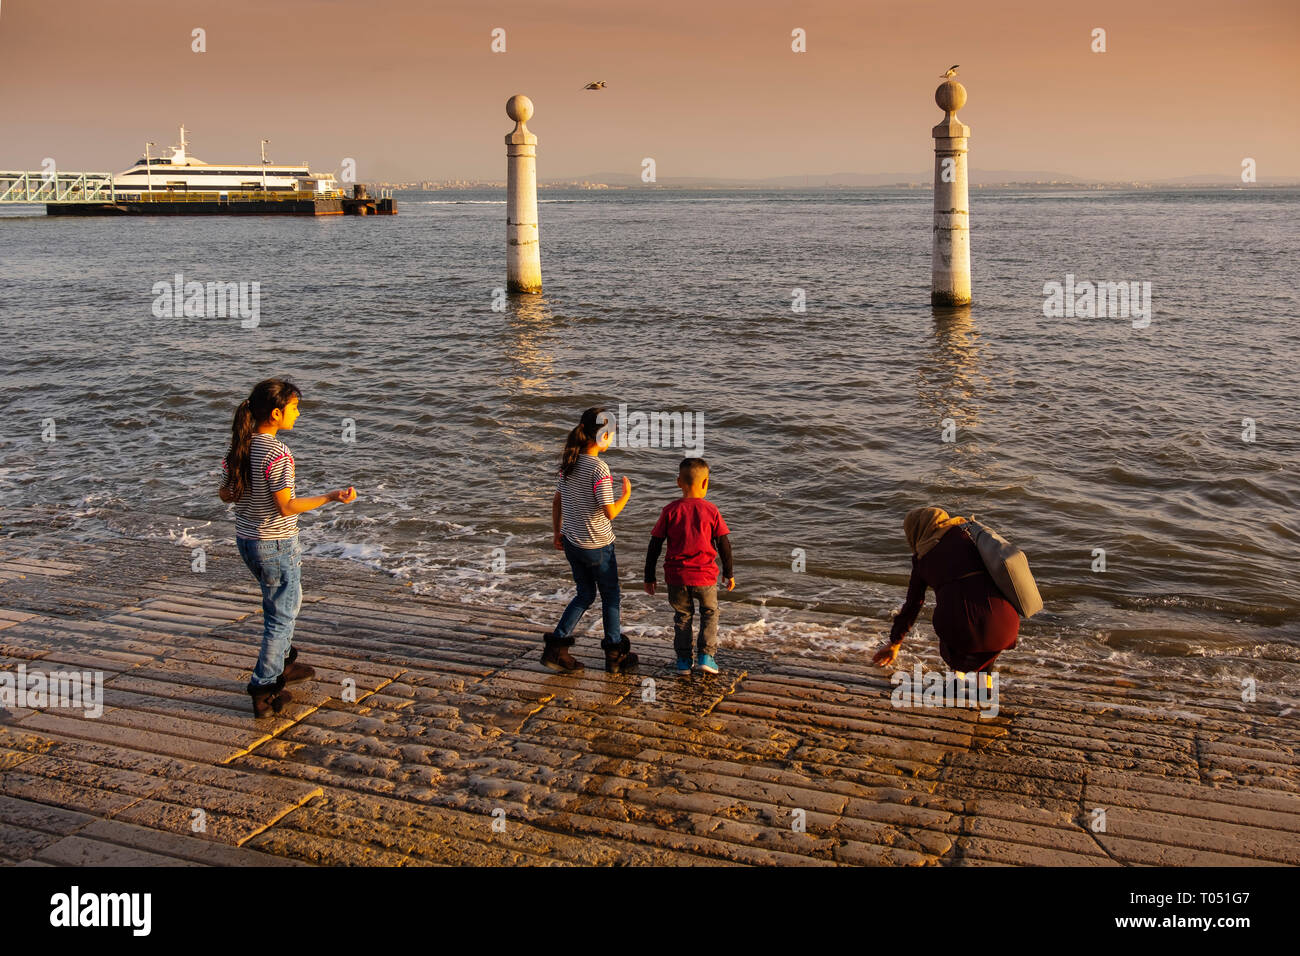 Les gens s'amusant avec l'eau à la place du Commerce, Quai des colonnes. Lisbonne, Portugal. L'Europe Photo Stock